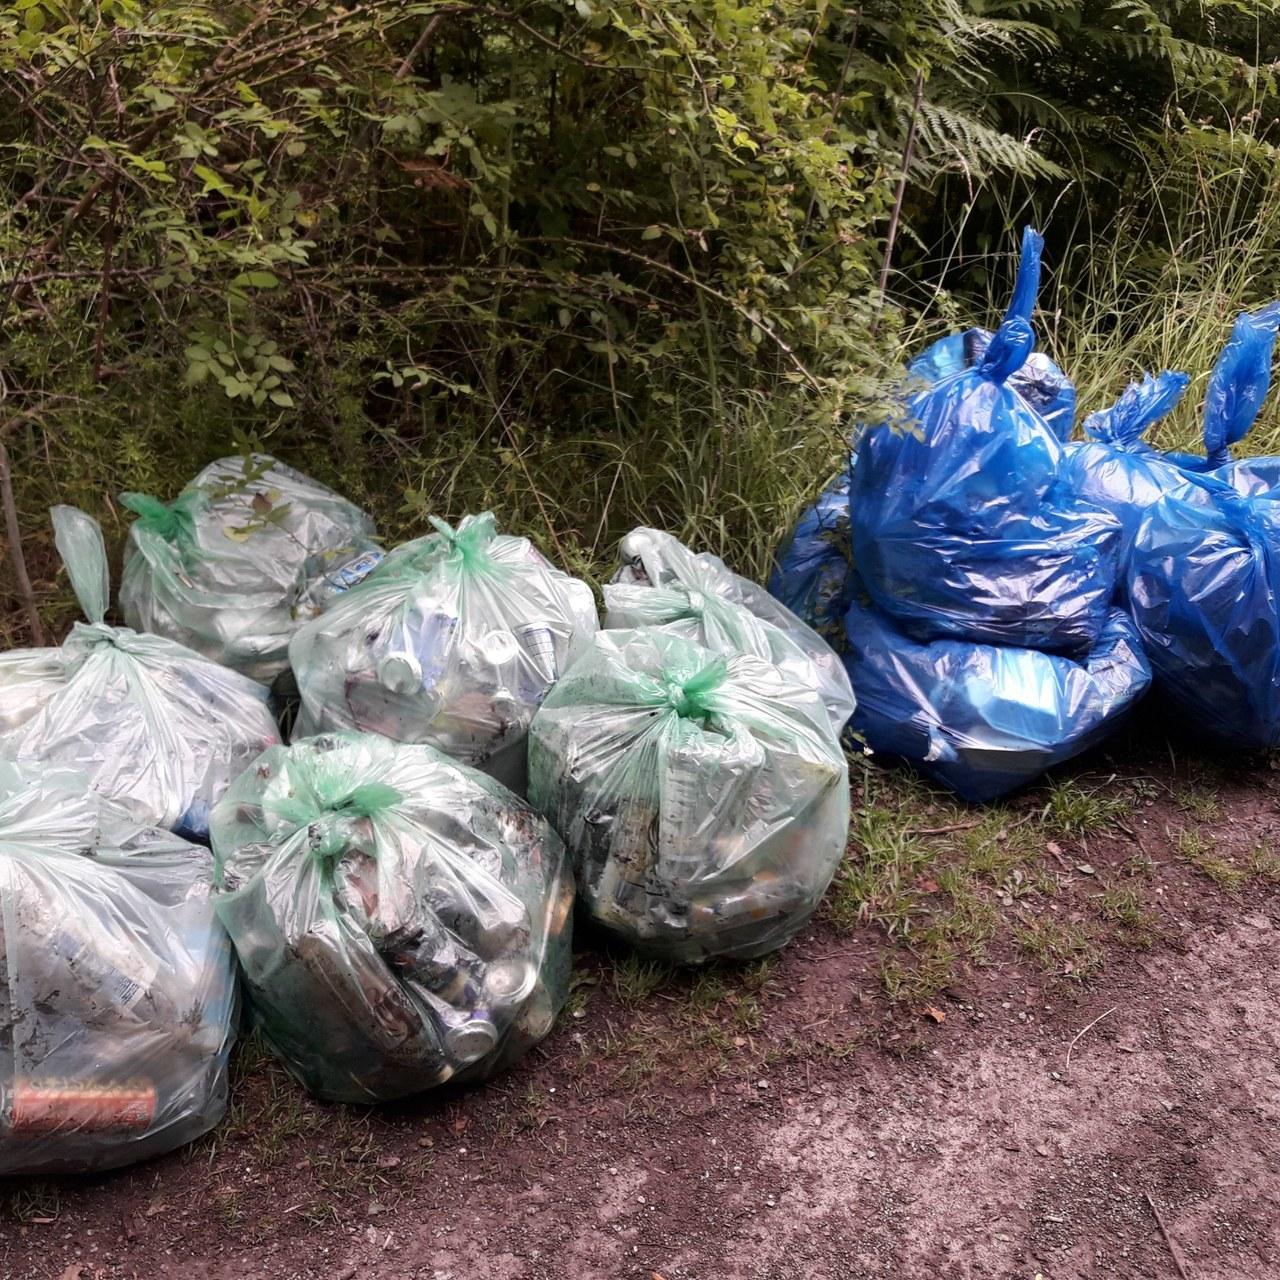 Community litter pick | Asda Gorseinon